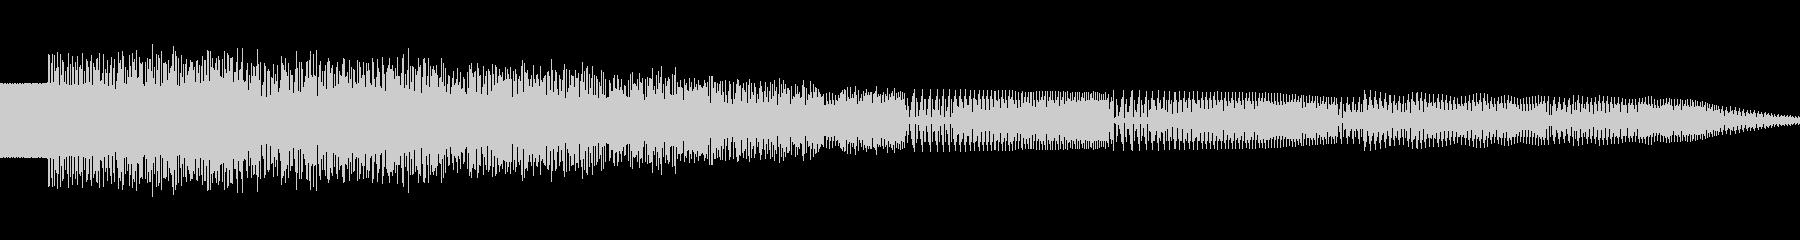 ポロロ(ピコピコ/ワープ/異次元の未再生の波形